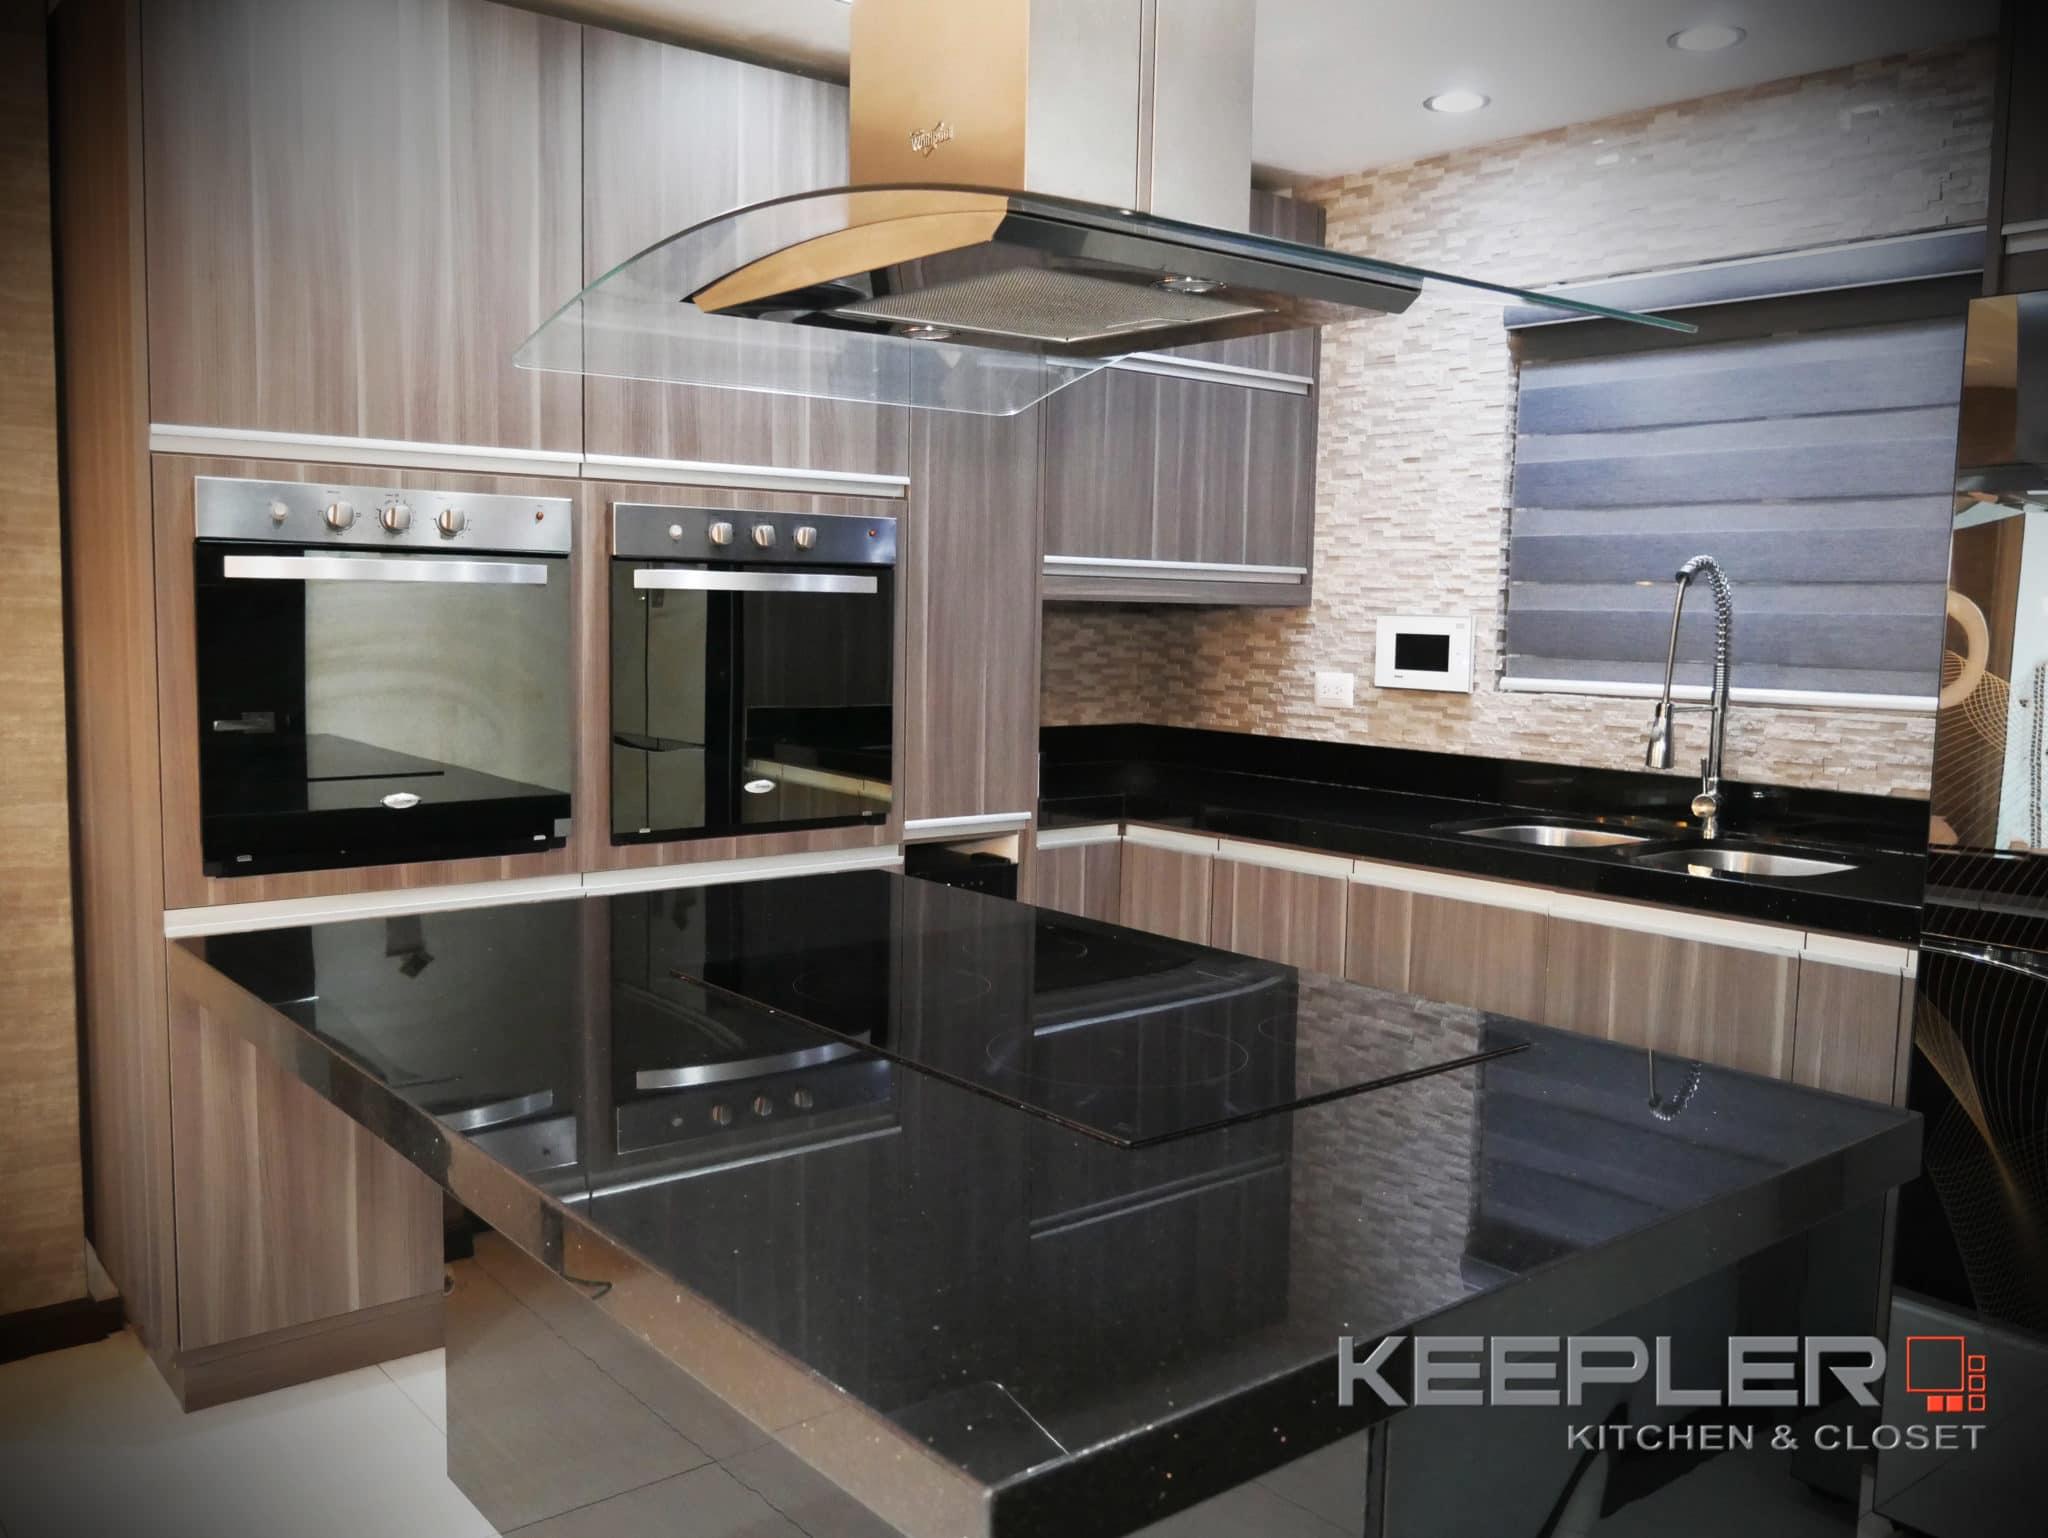 Portafolio keepler cocinas integrales y closets for Cocinas de concreto modernas